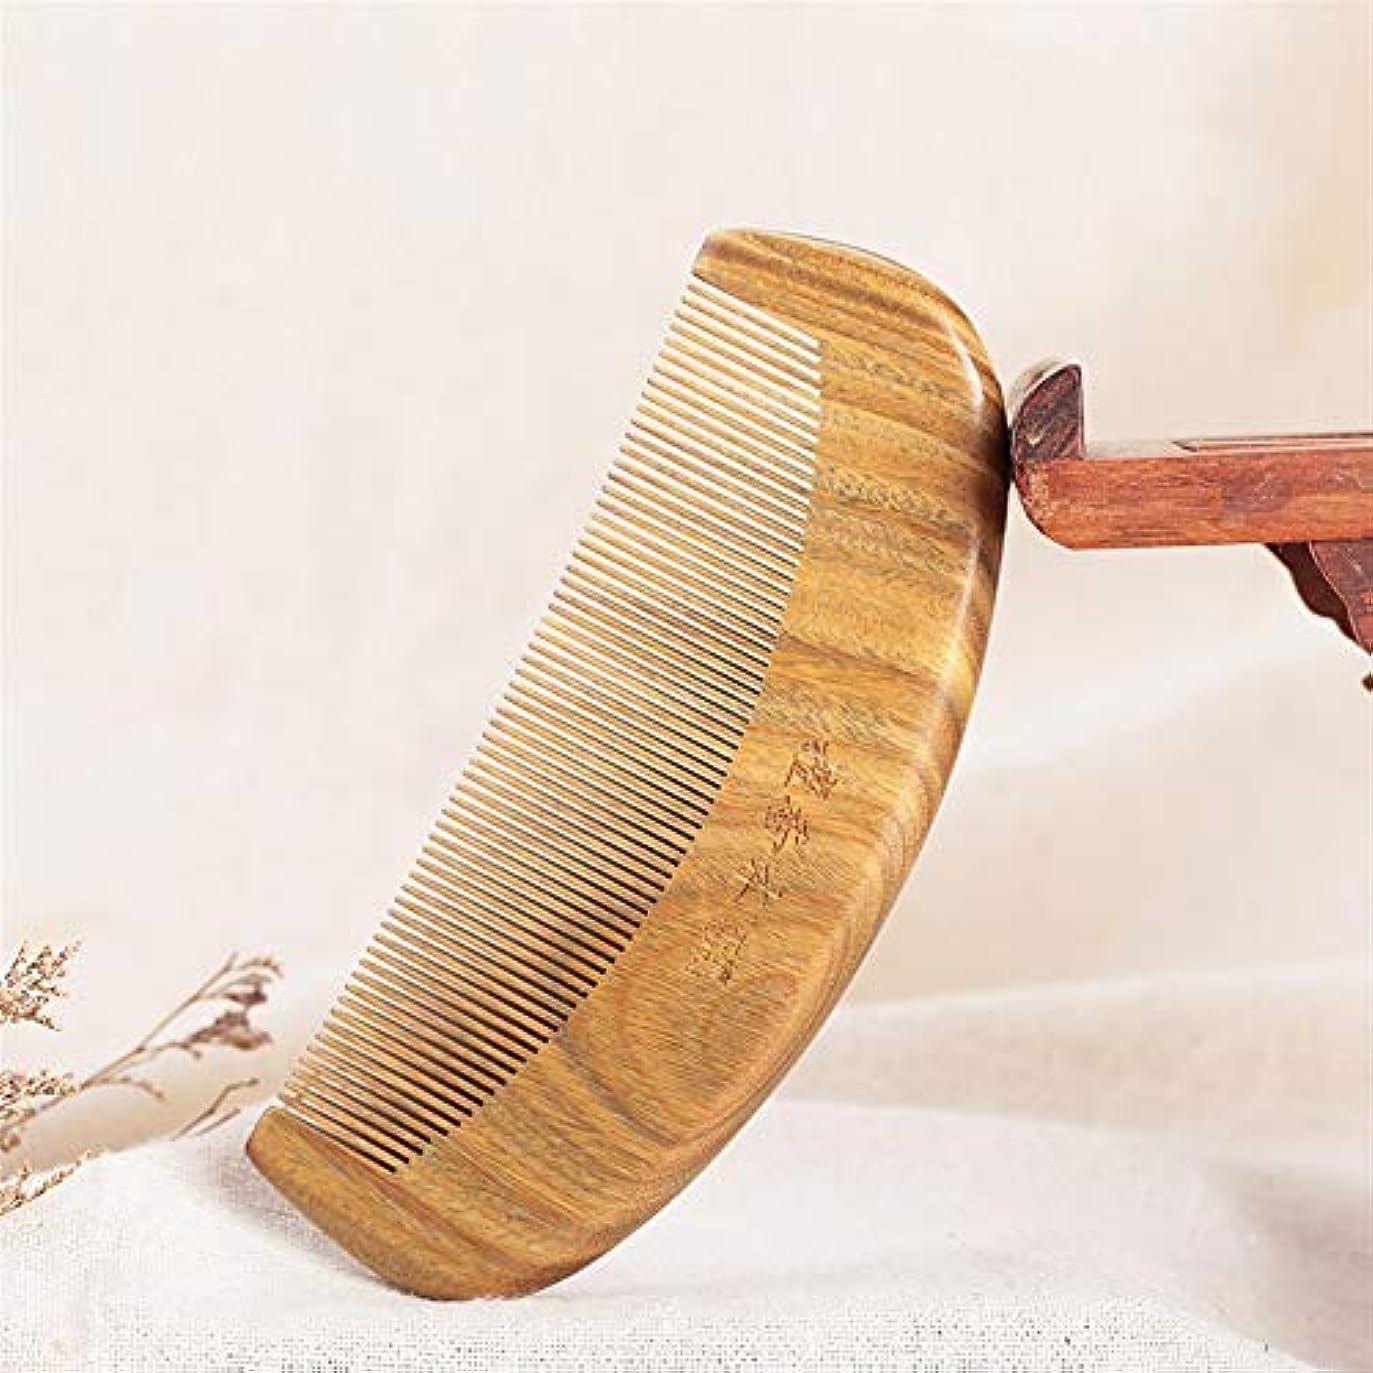 寮デザート感動するGuomao グリーンビャクダンの木の櫛高密度歯ビャクダンの櫛半月 (Size : 13*4.5 cm)